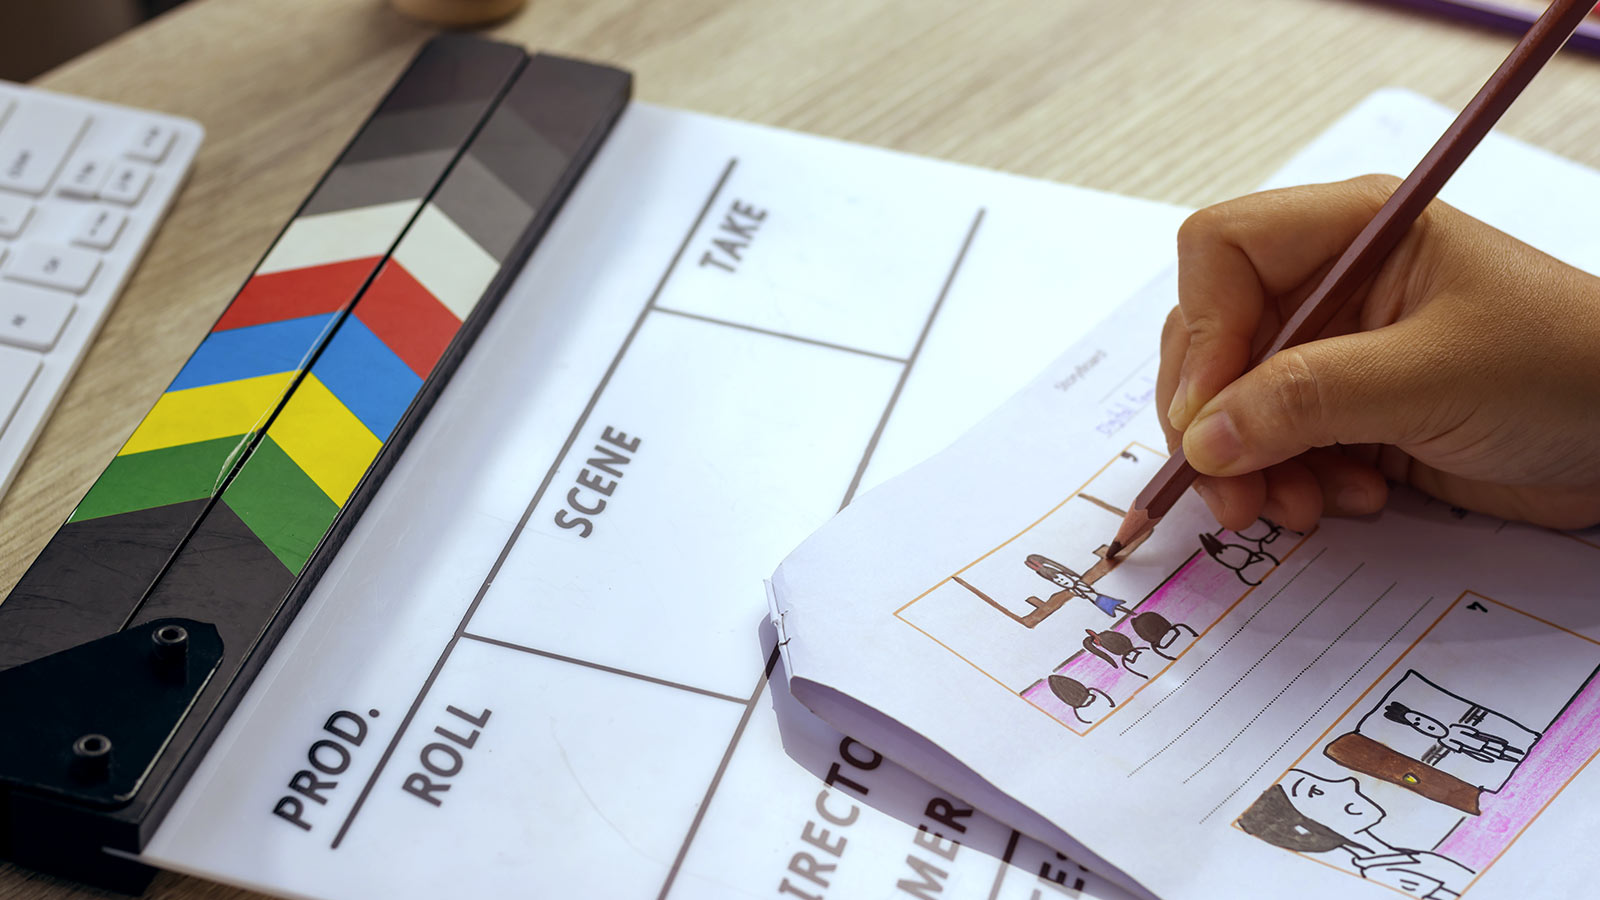 blog contrato produtora video apps 1a dumela - Contrato uma produtora de animação ou tento fazer vídeos com apps?